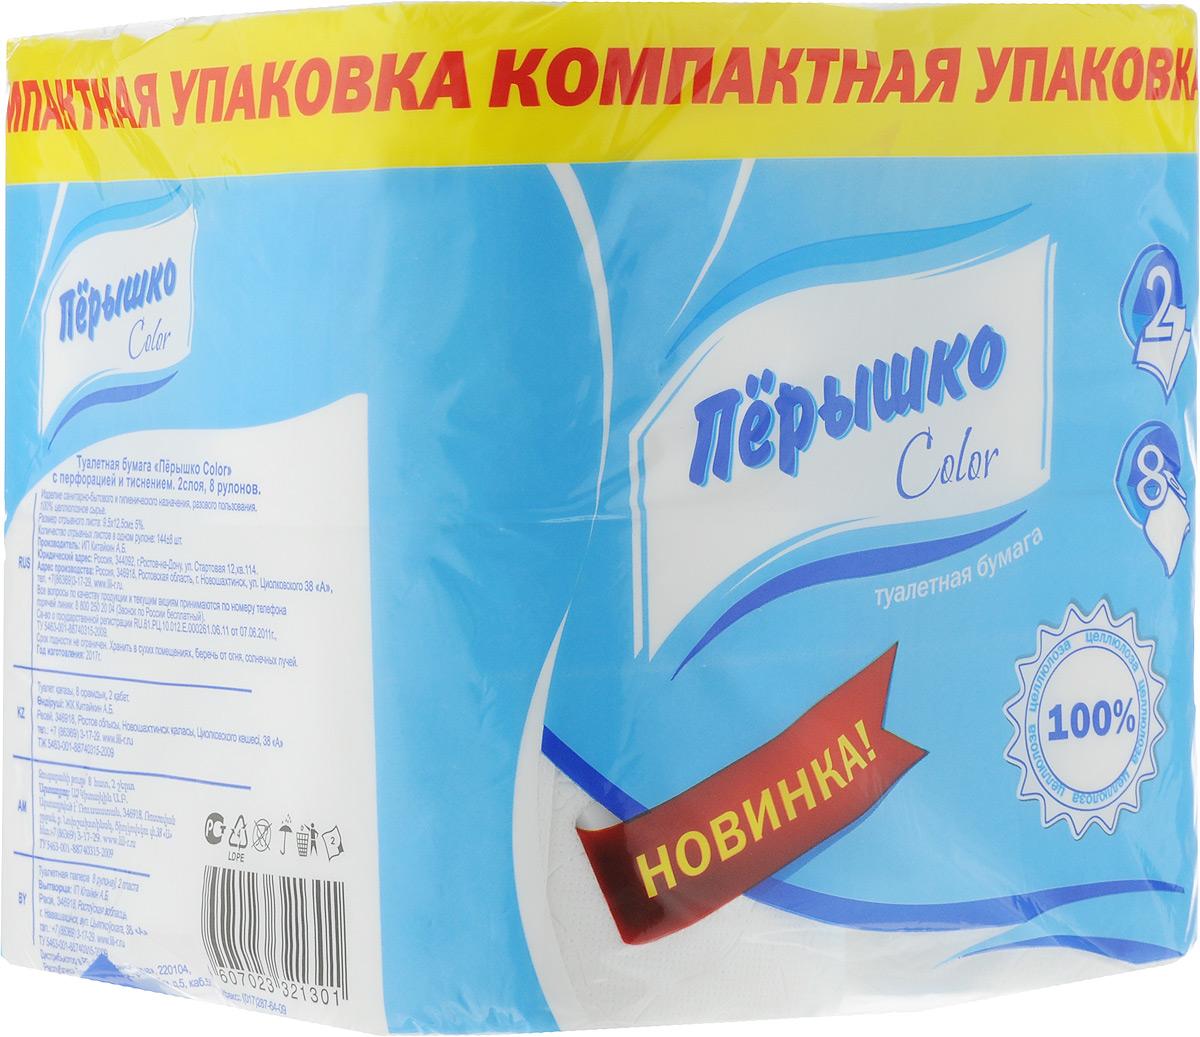 Бумага туалетная Перышко, двухслойная, цвет: белый, 8 рулонов6787Двухслойная туалетная бумага Перышко изготовлена из 100% целлюлозного сырья. Мягкая, нежная, но в тоже время прочная, бумага не расслаивается и отрывается строго по линии перфорации.Количество рулонов: 8 шт.